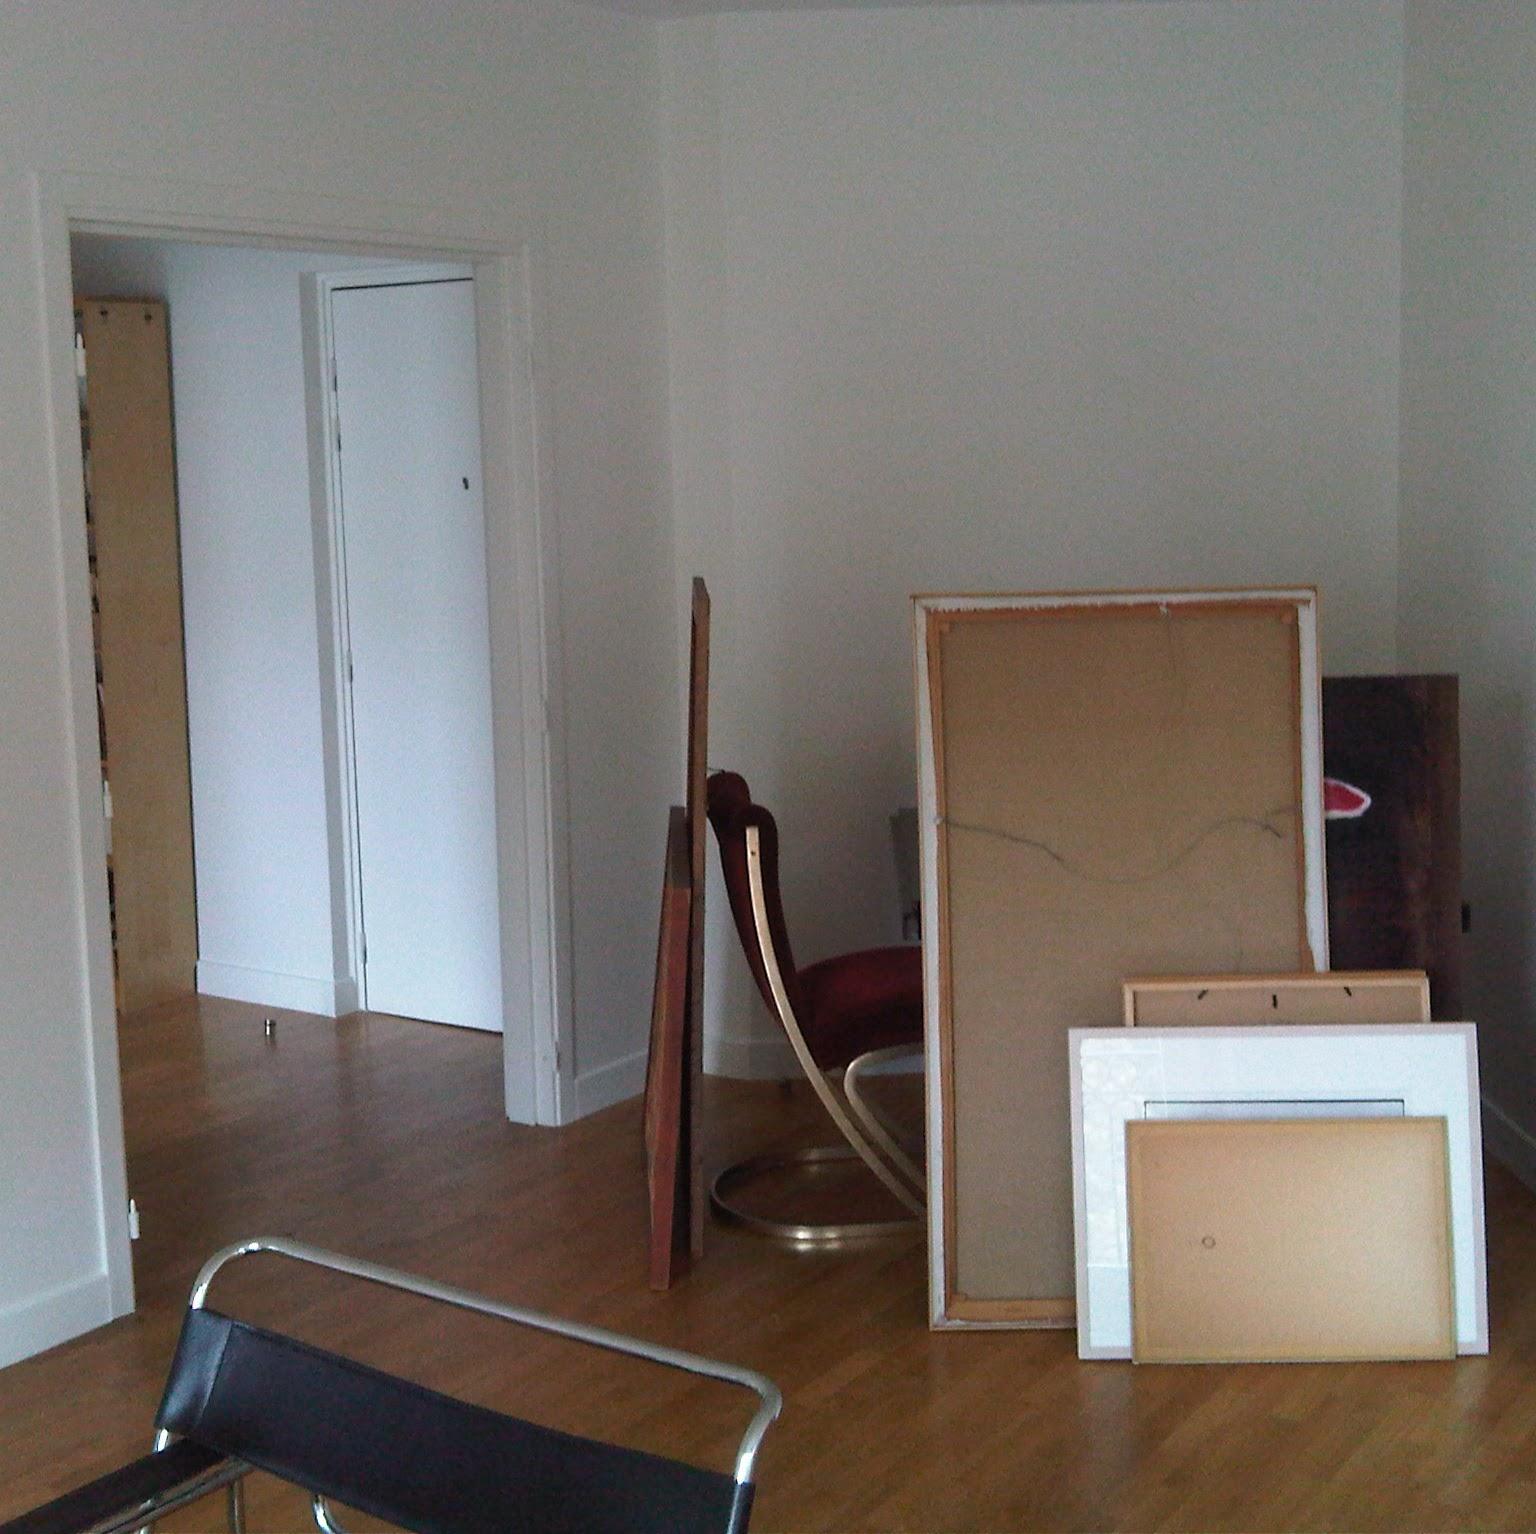 peintre professionnel en batiment suresnes artisan vitrificateur. Black Bedroom Furniture Sets. Home Design Ideas